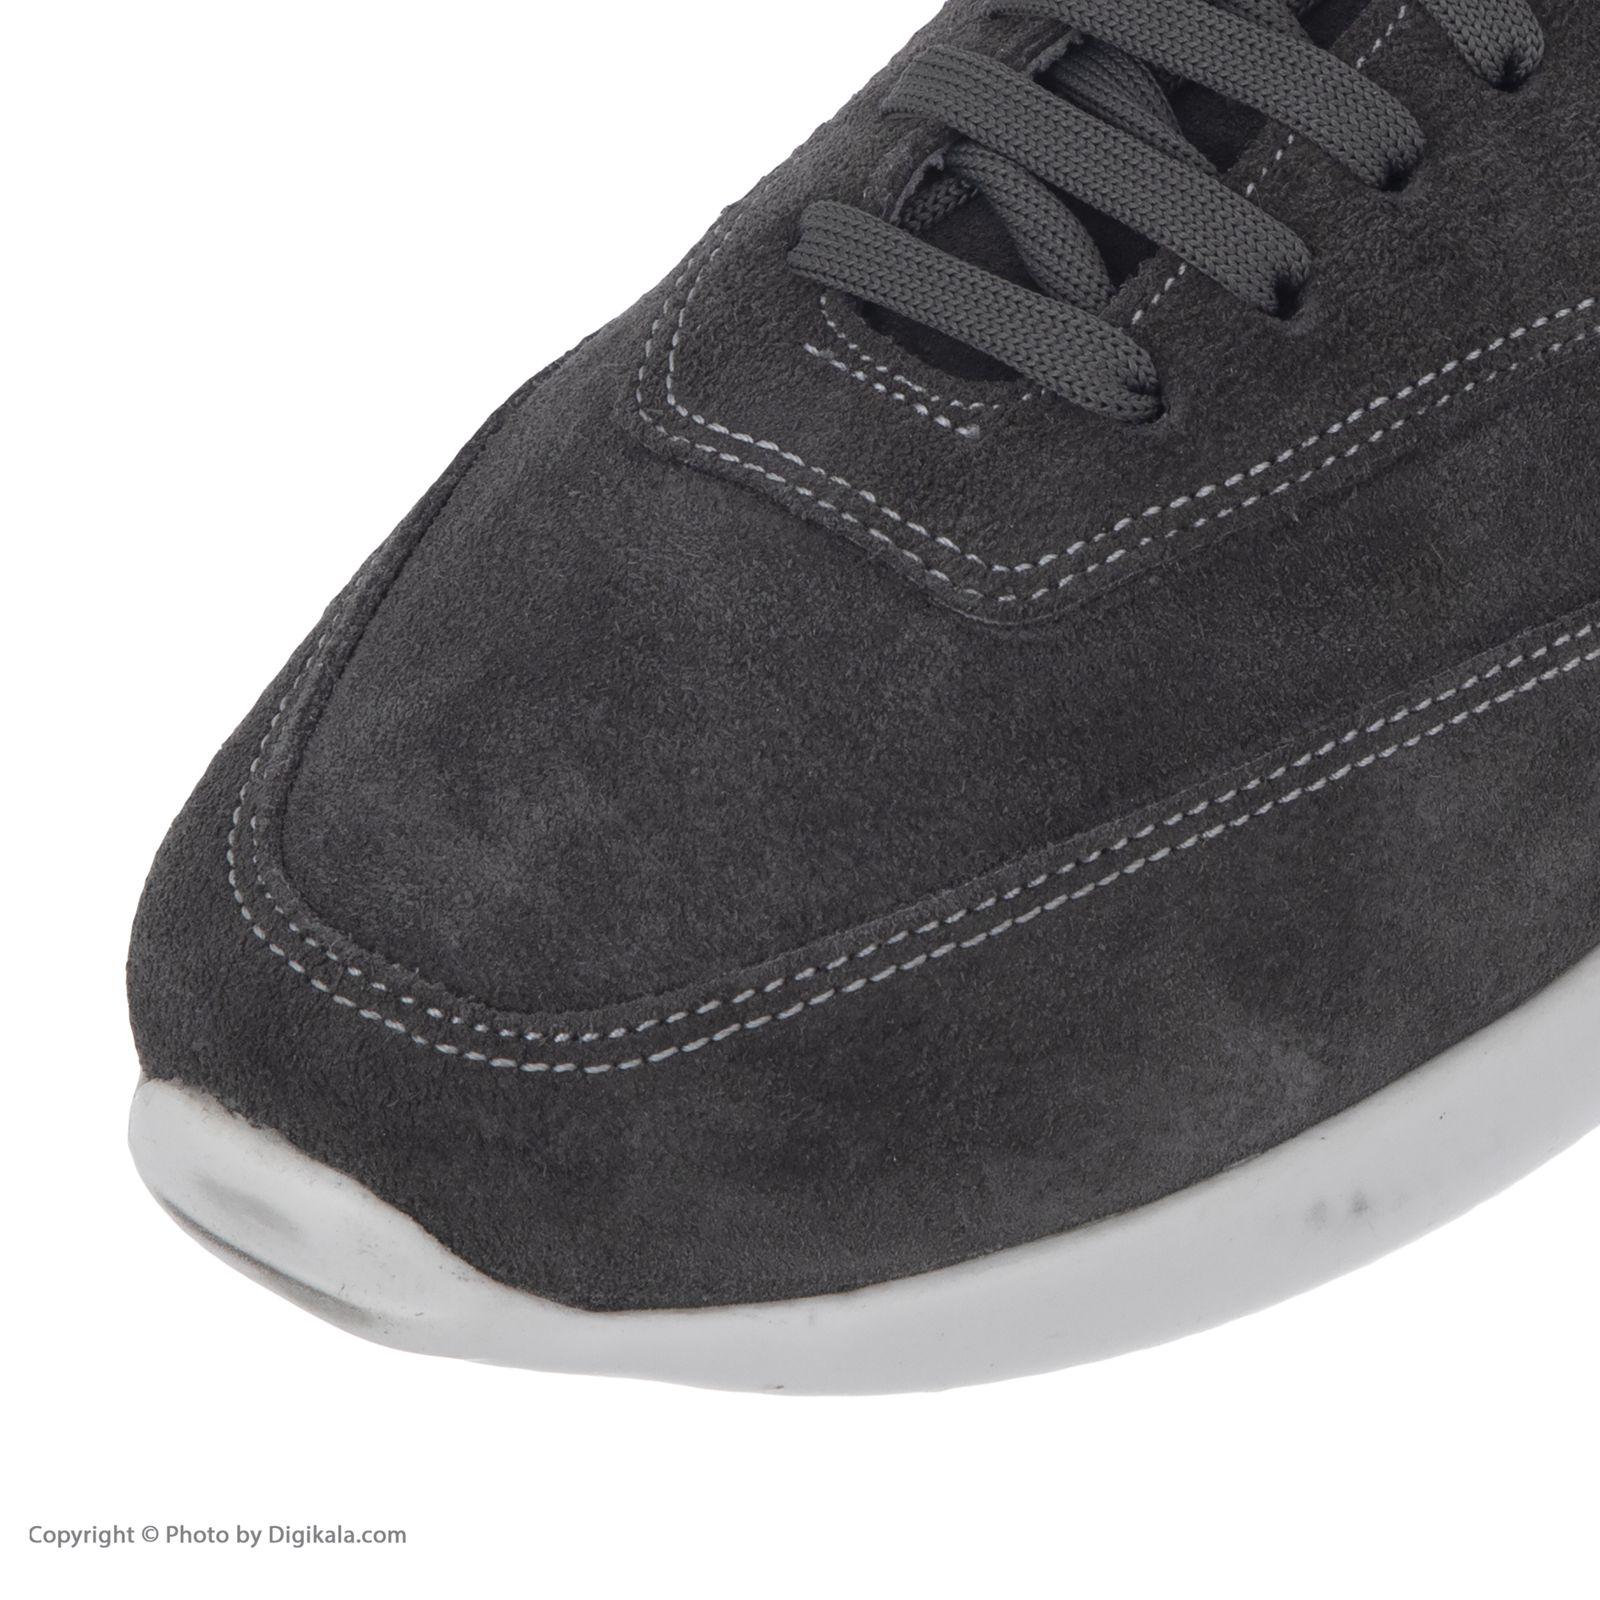 کفش روزمره زنانه آرتمن مدل Veda-41448 -  - 7